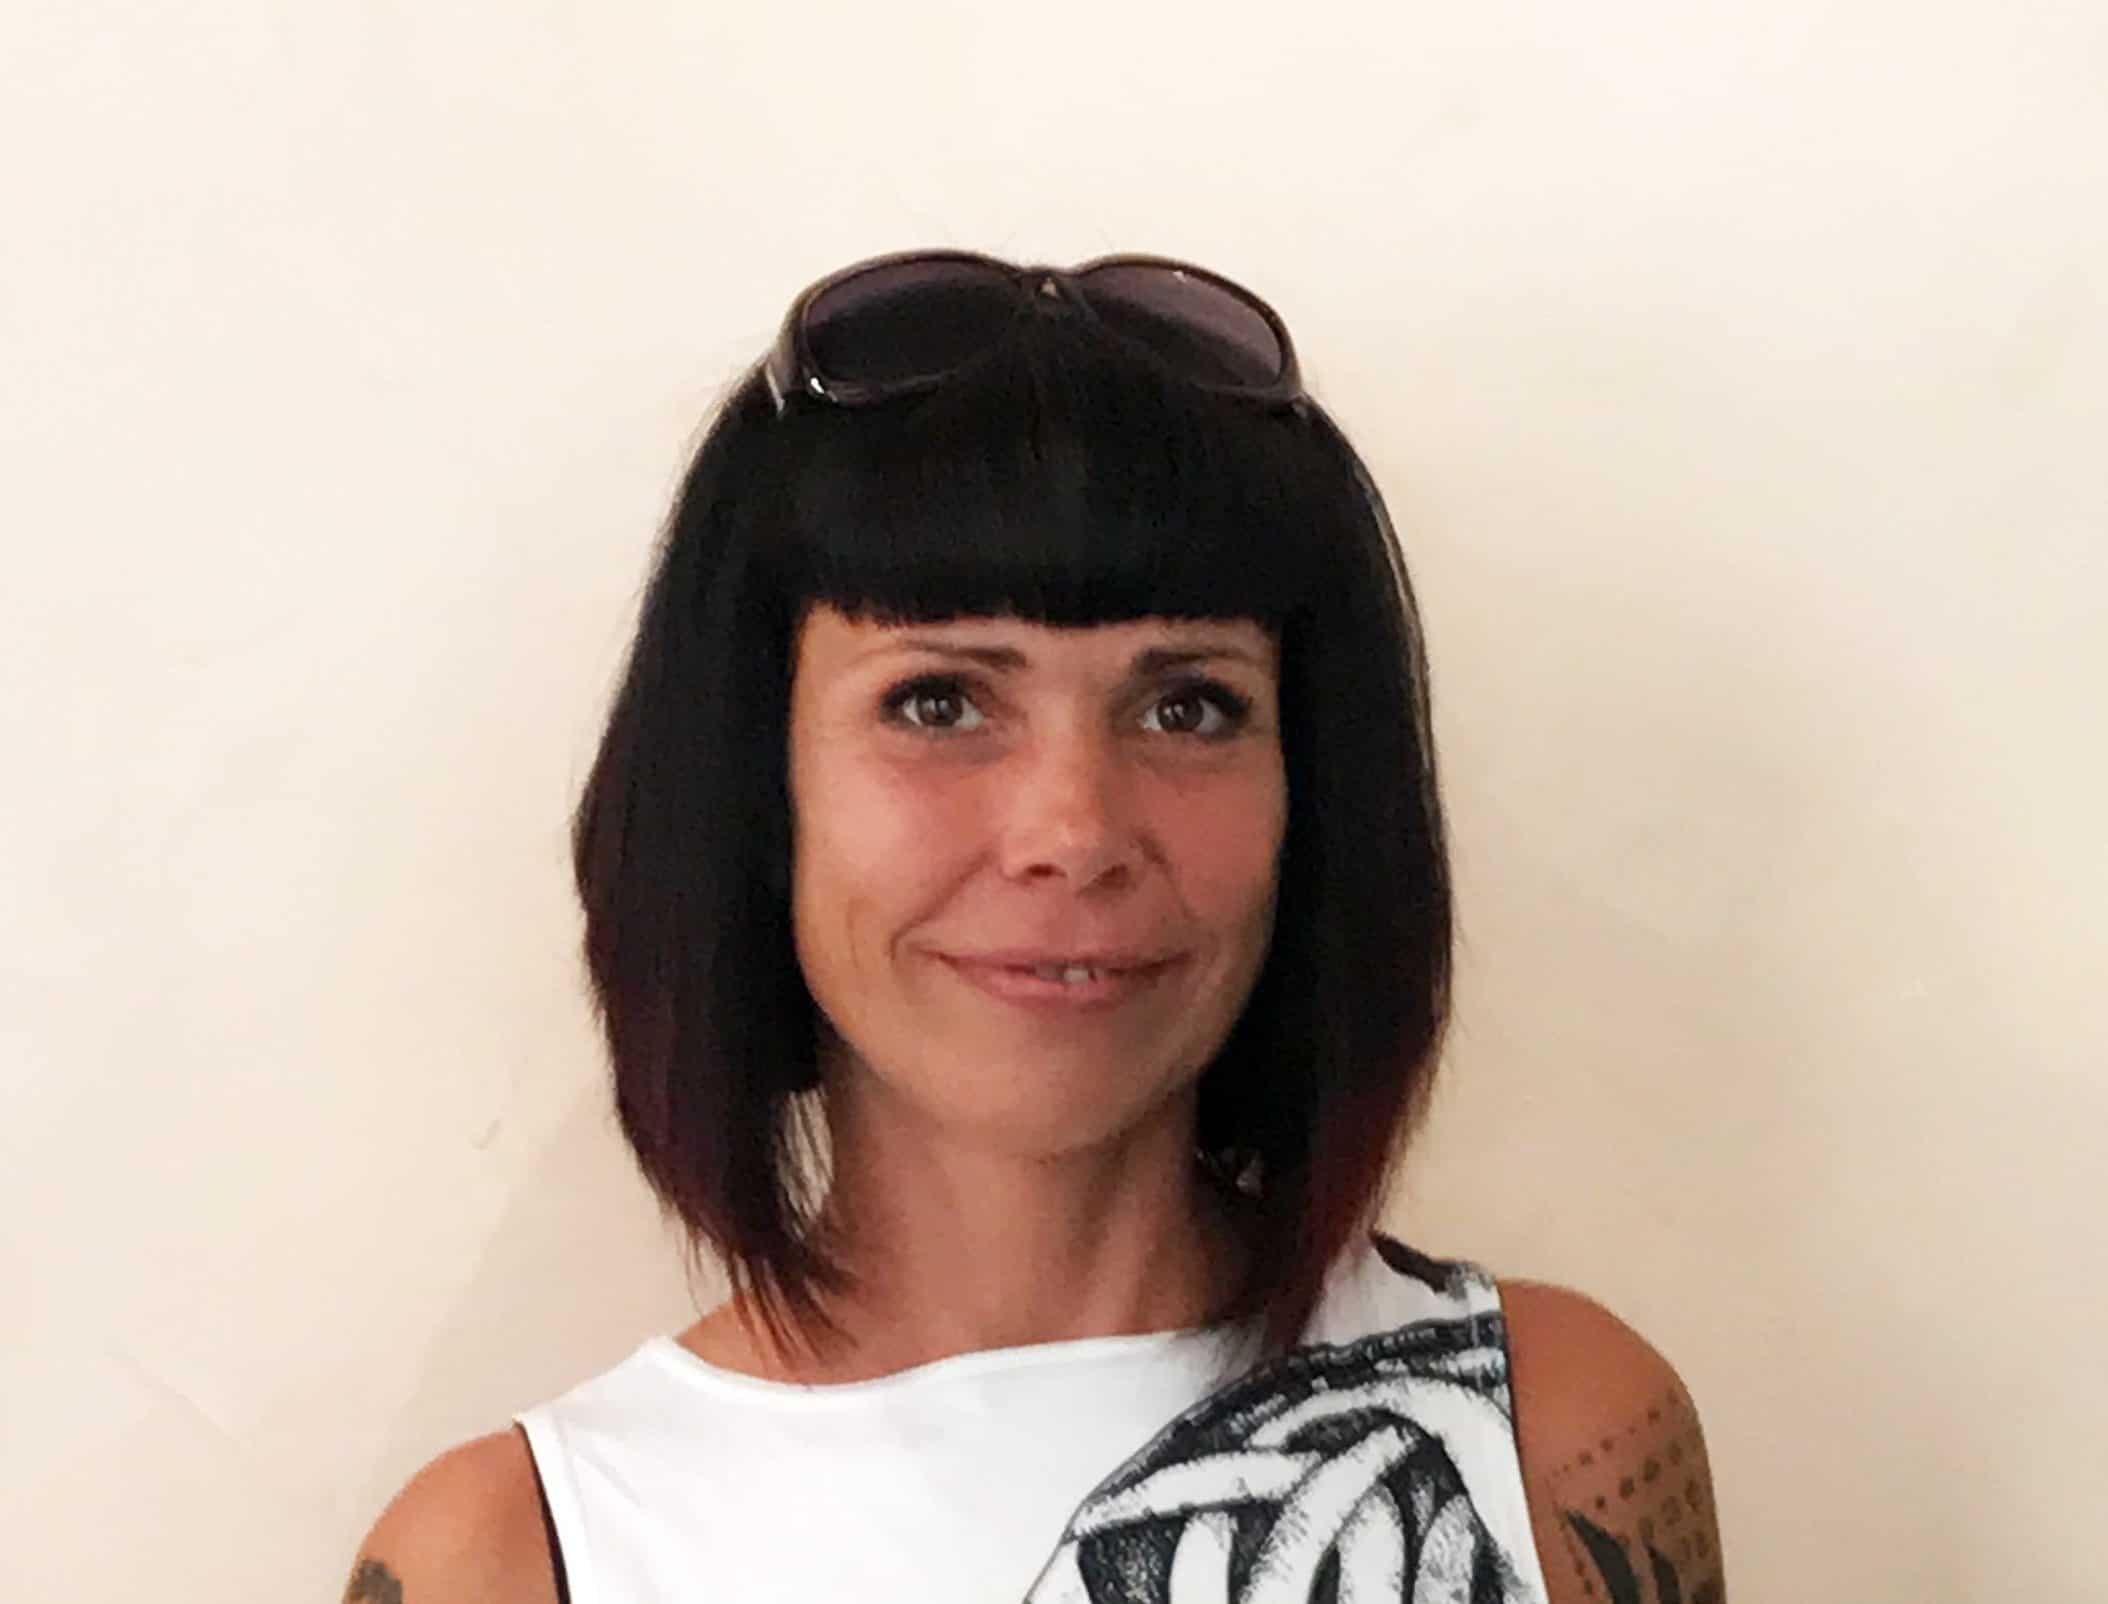 Friseurin Jane Tholen bei POPHAIR 02